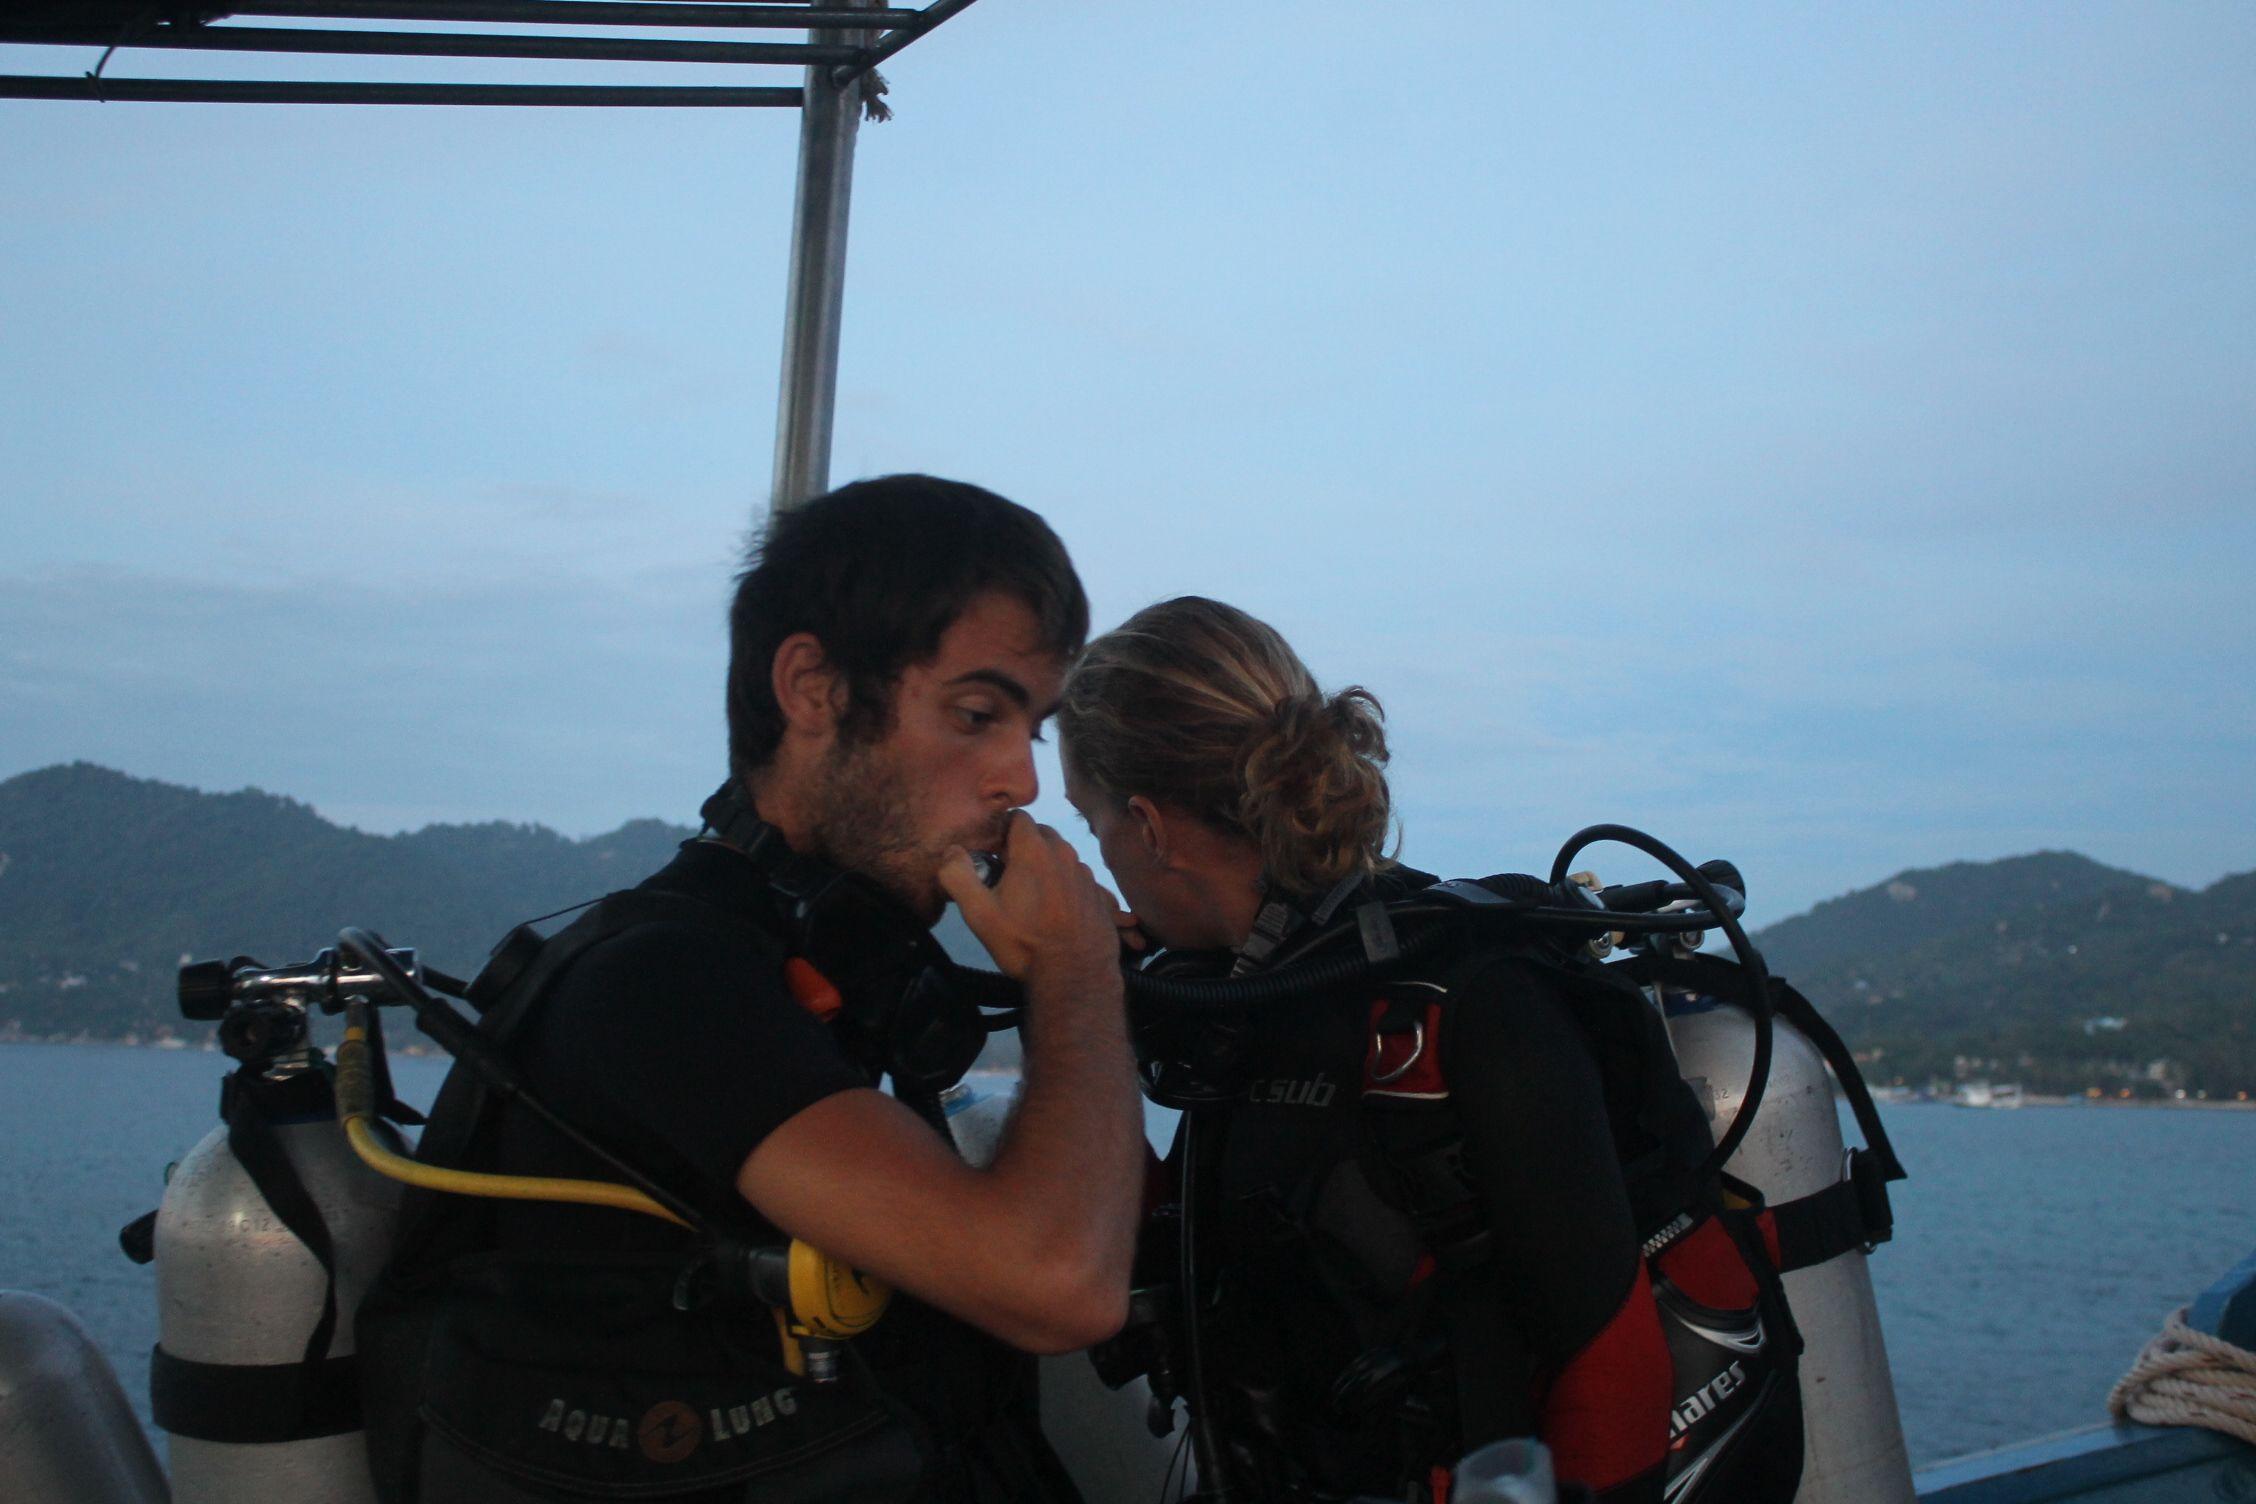 Dani preparando el salto para el buceo nocturno con Carmen, la instructora